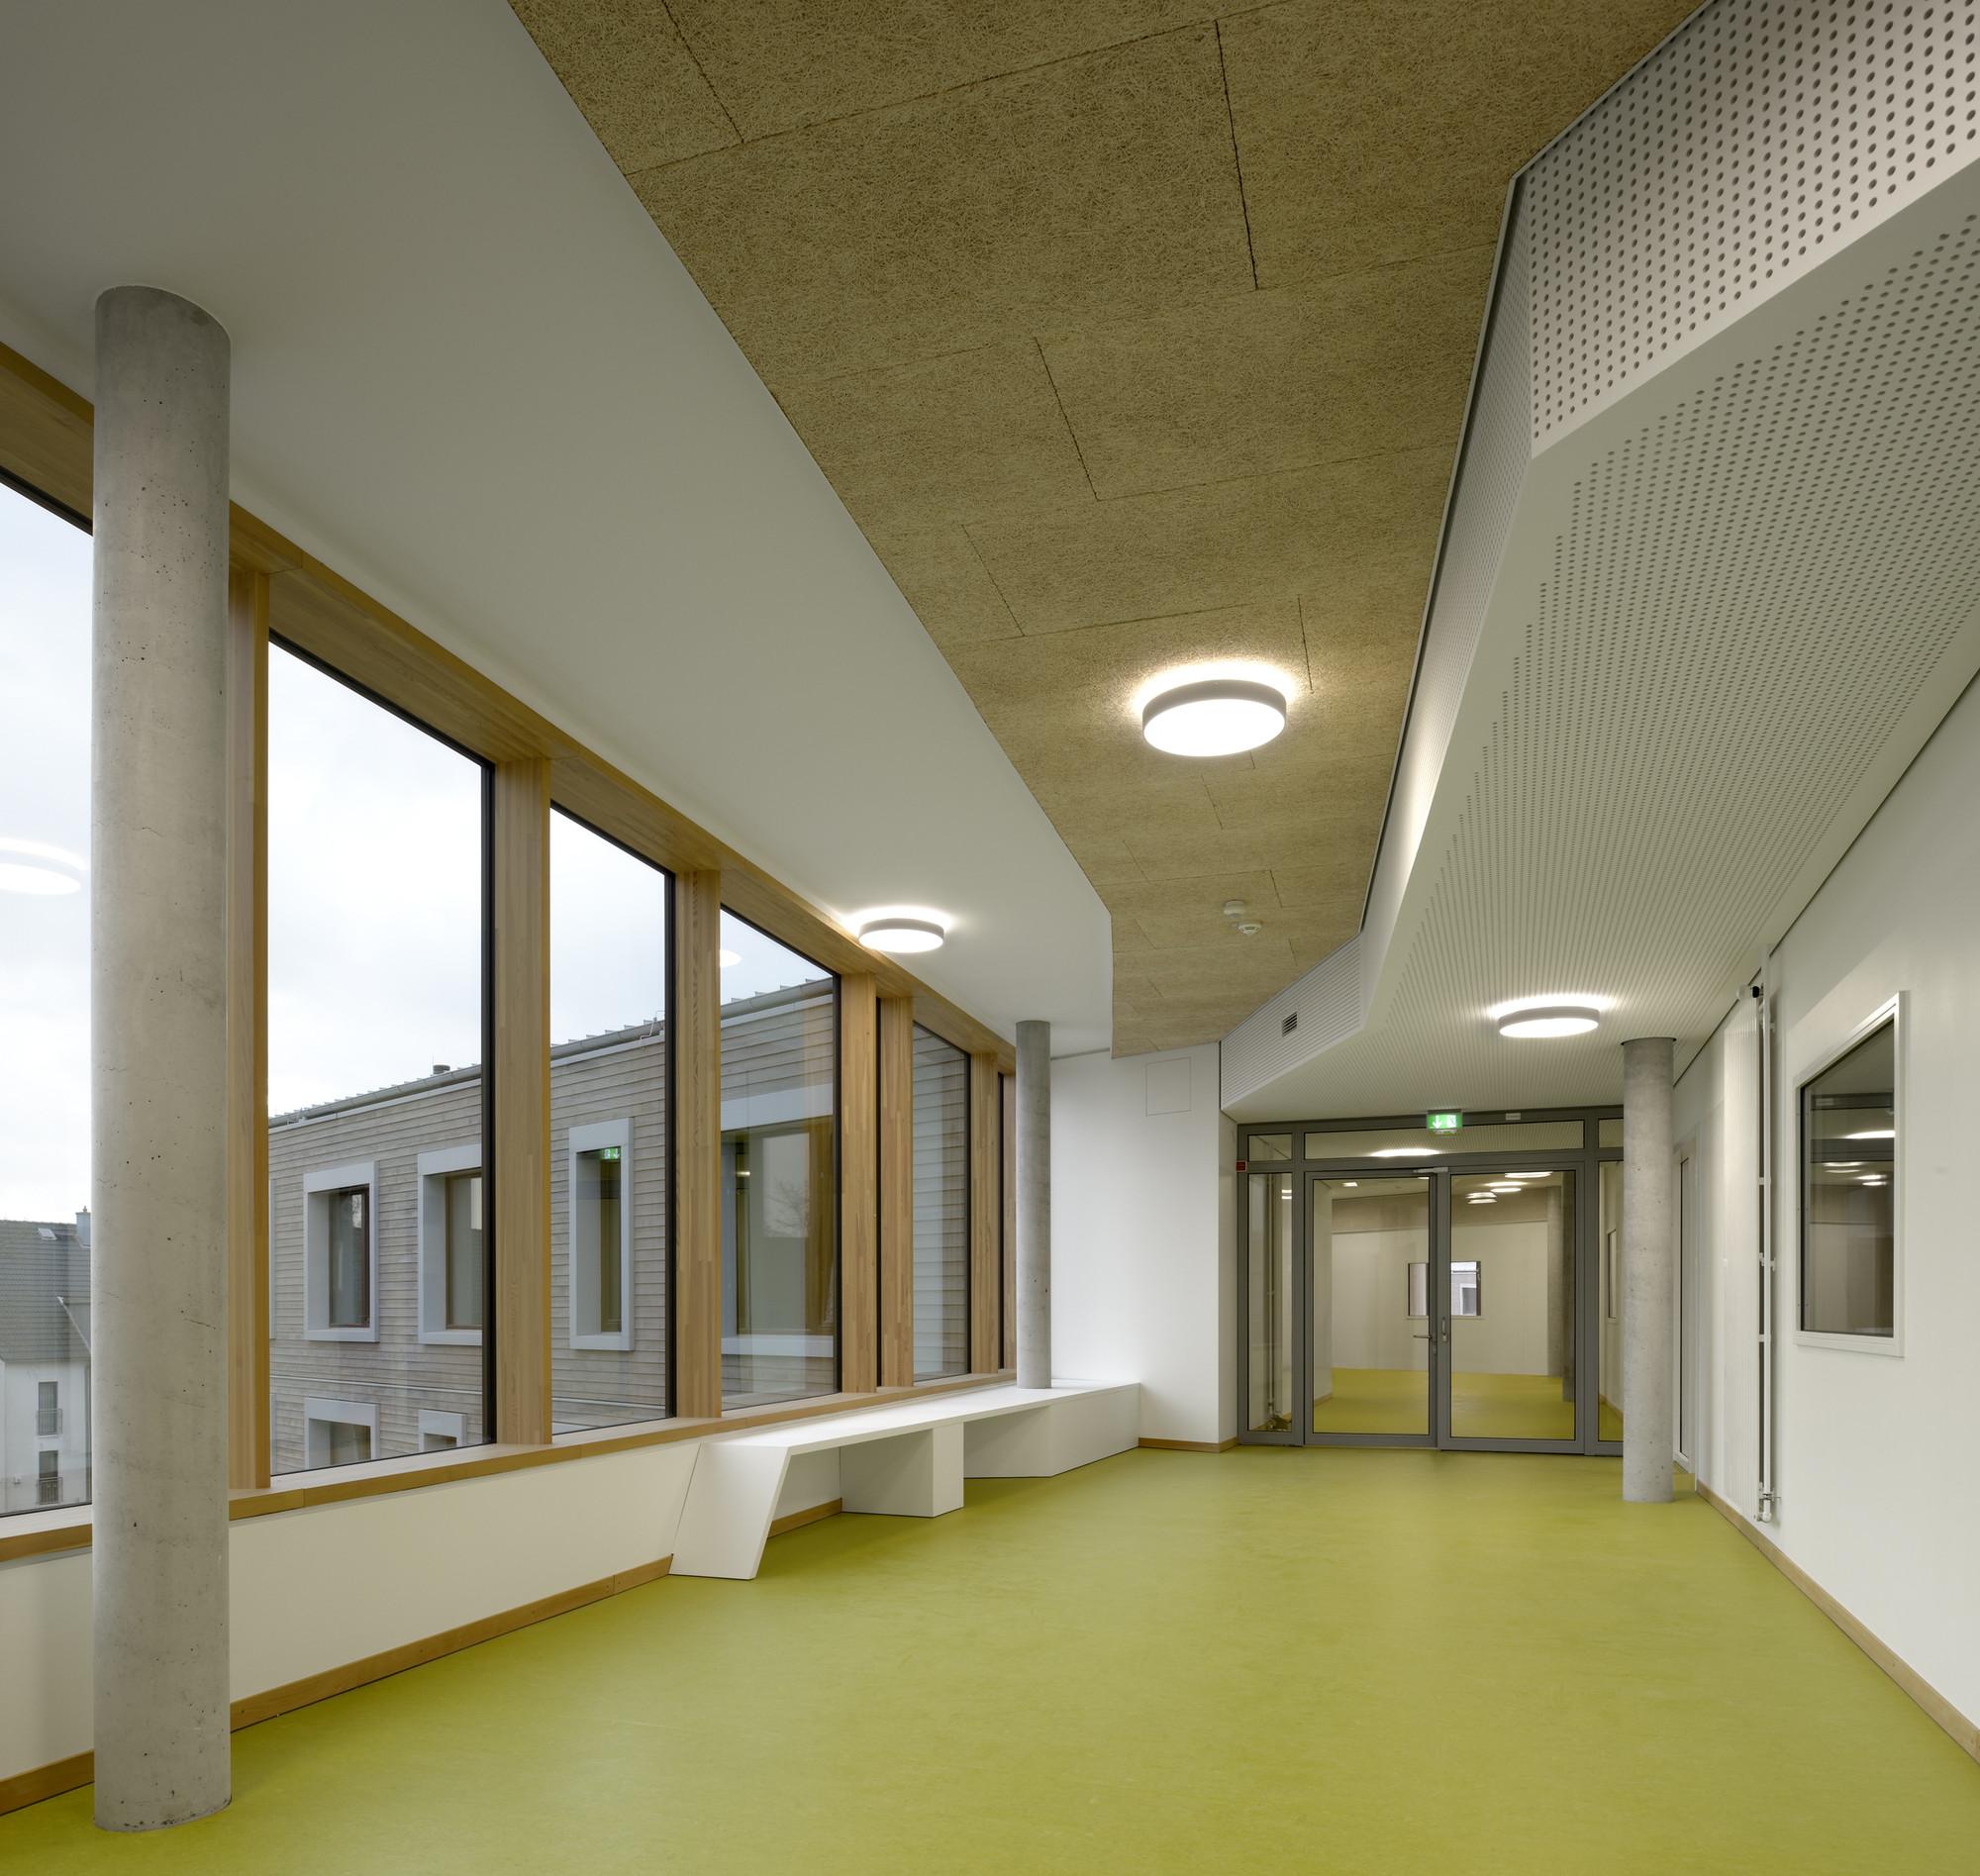 Bildungszentrum Tor zur Welt / Bof Architekten